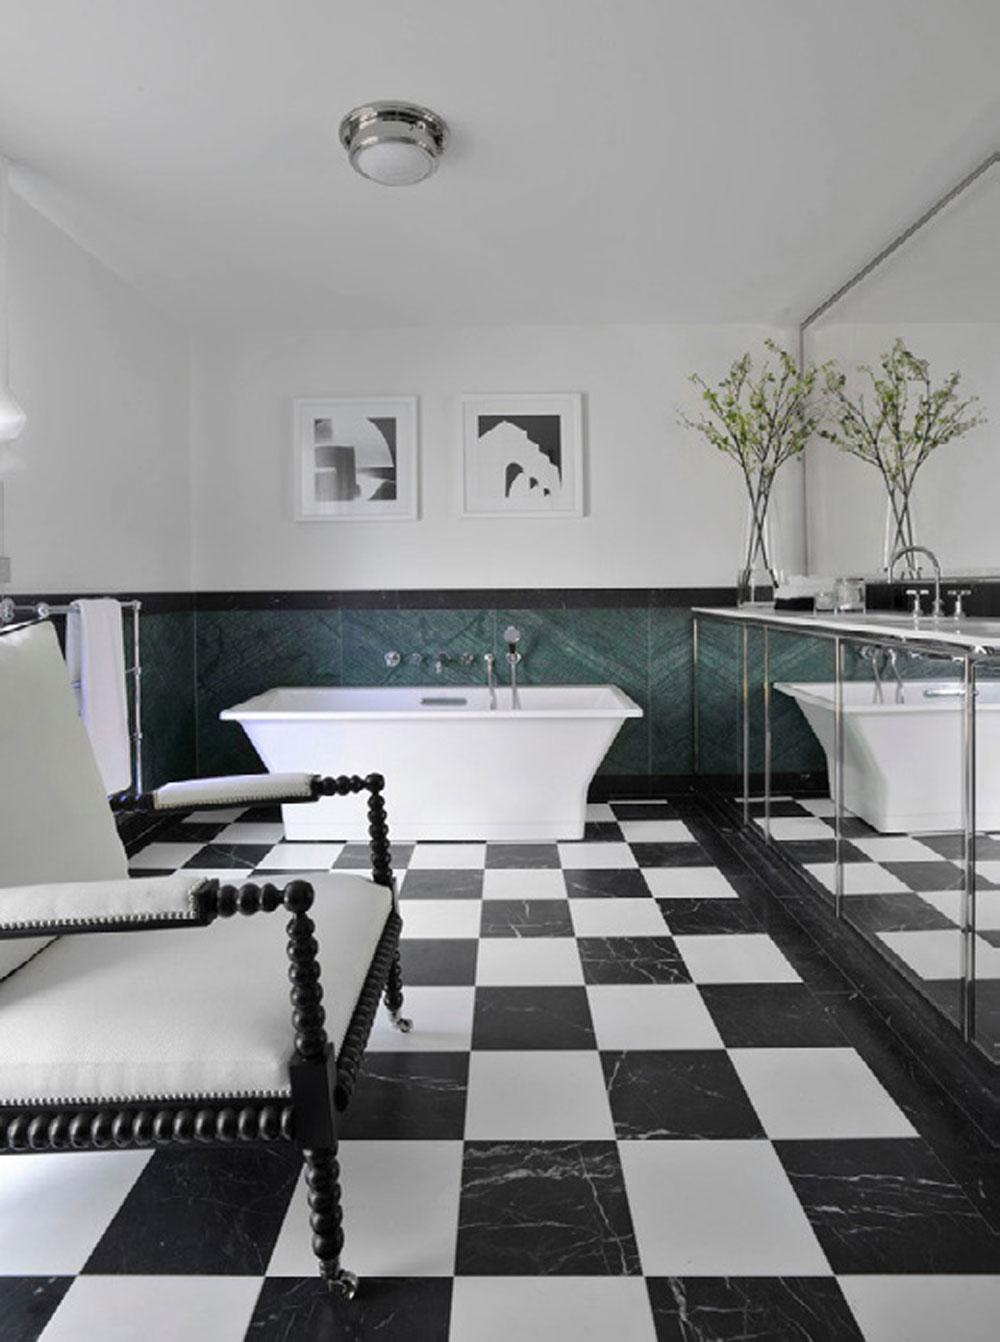 A-samling-av-badrum-golv-kakel-idéer-6 En samling av badrum-golv-kakel-idéer